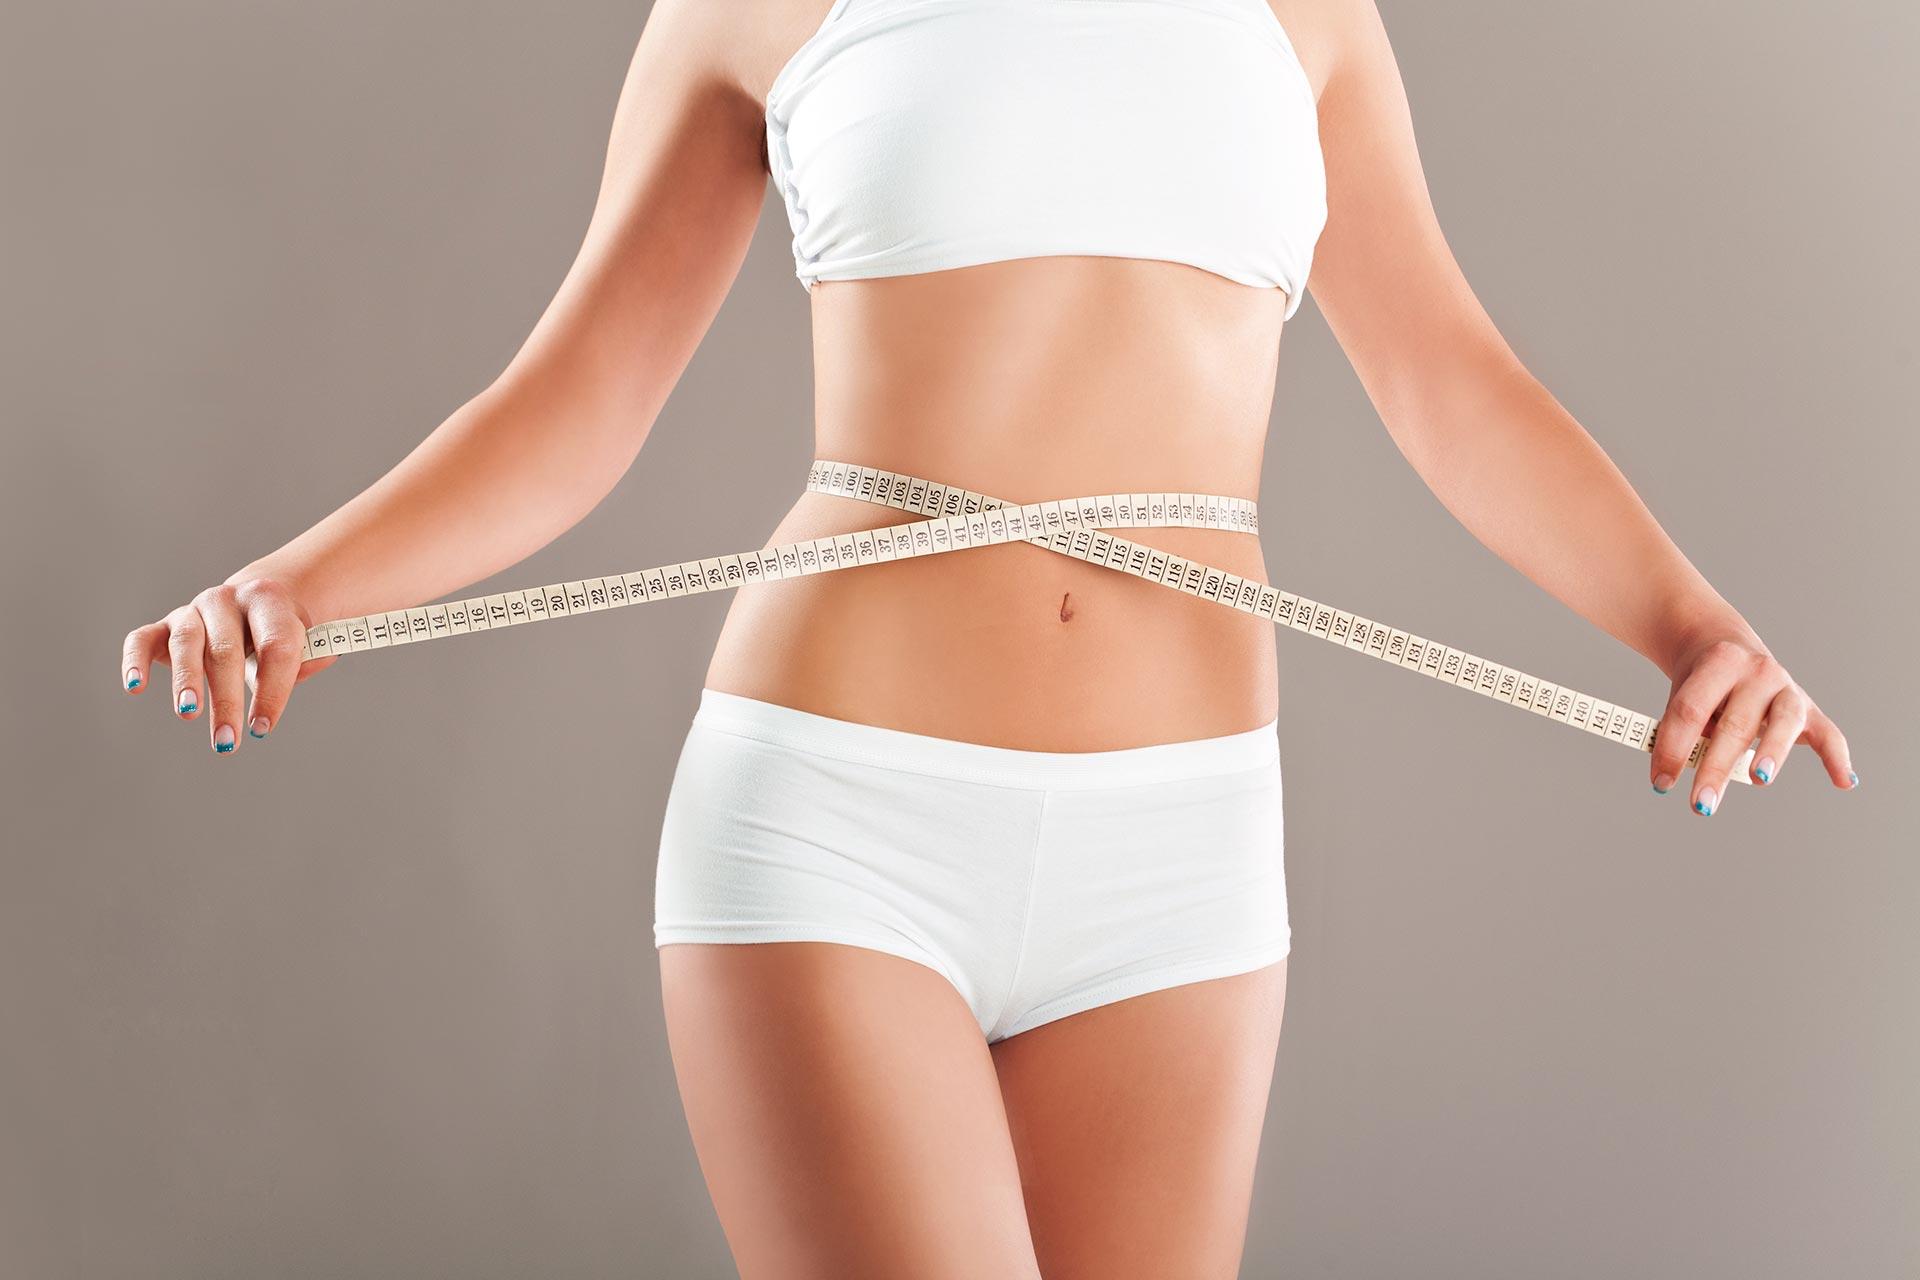 Tonifica tu abdomen con drenaje linfático